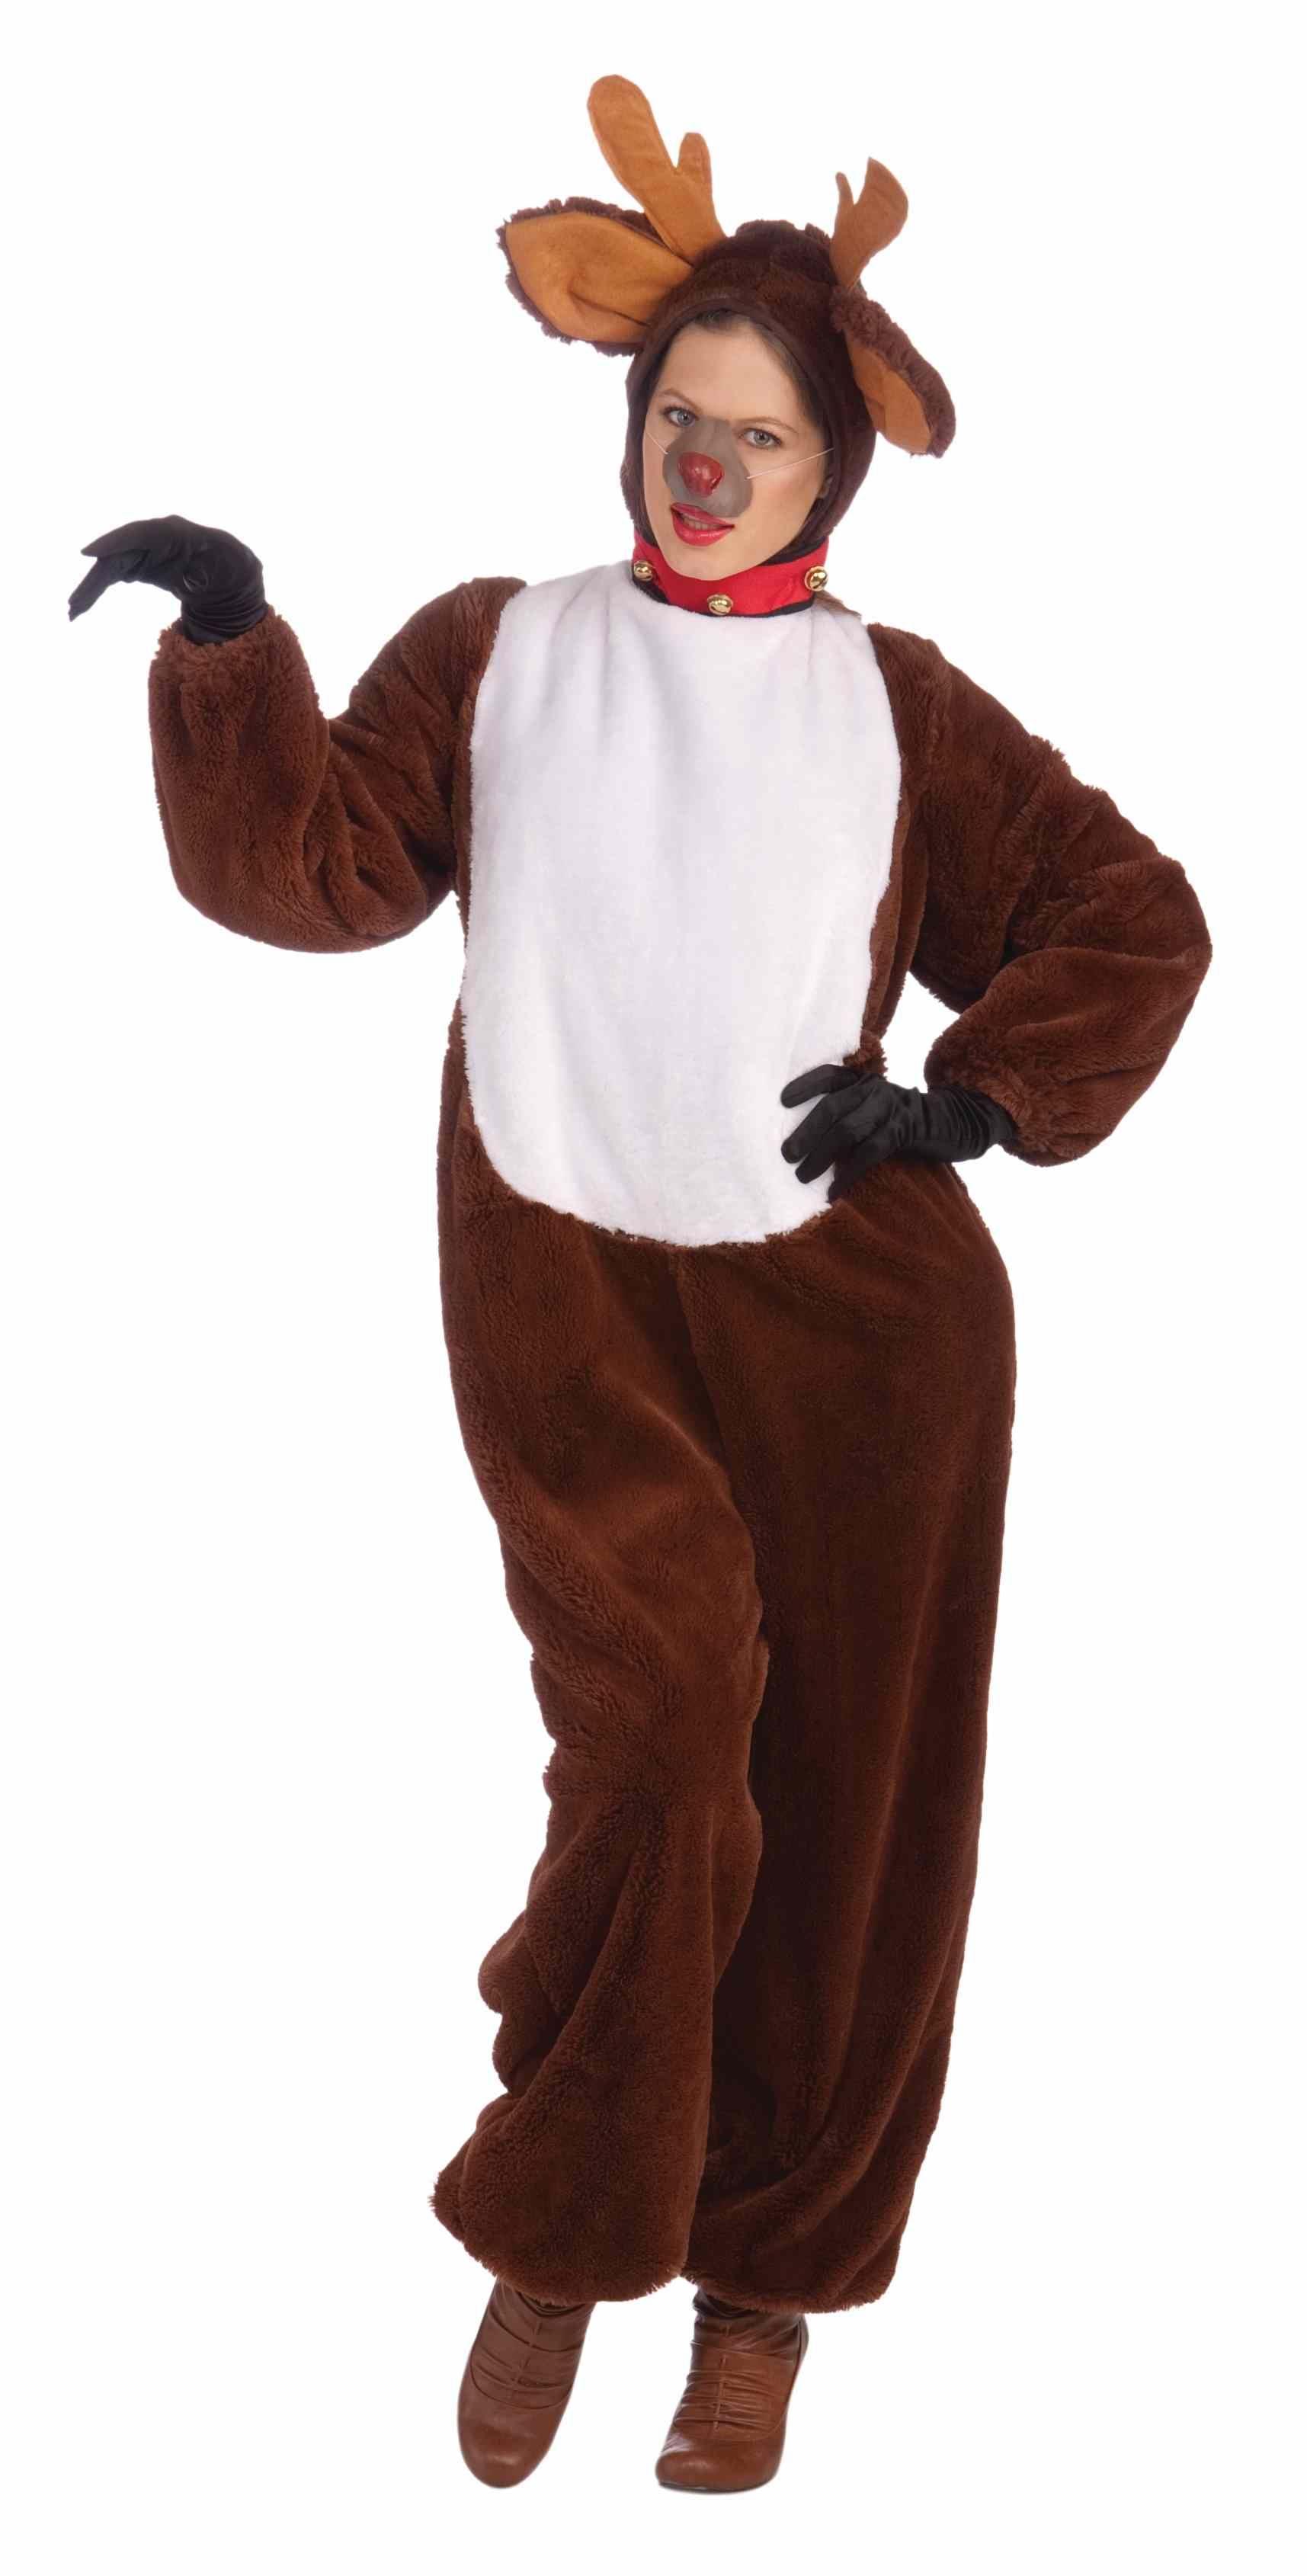 Reindeer Costume Costume Deluxe Reindeer